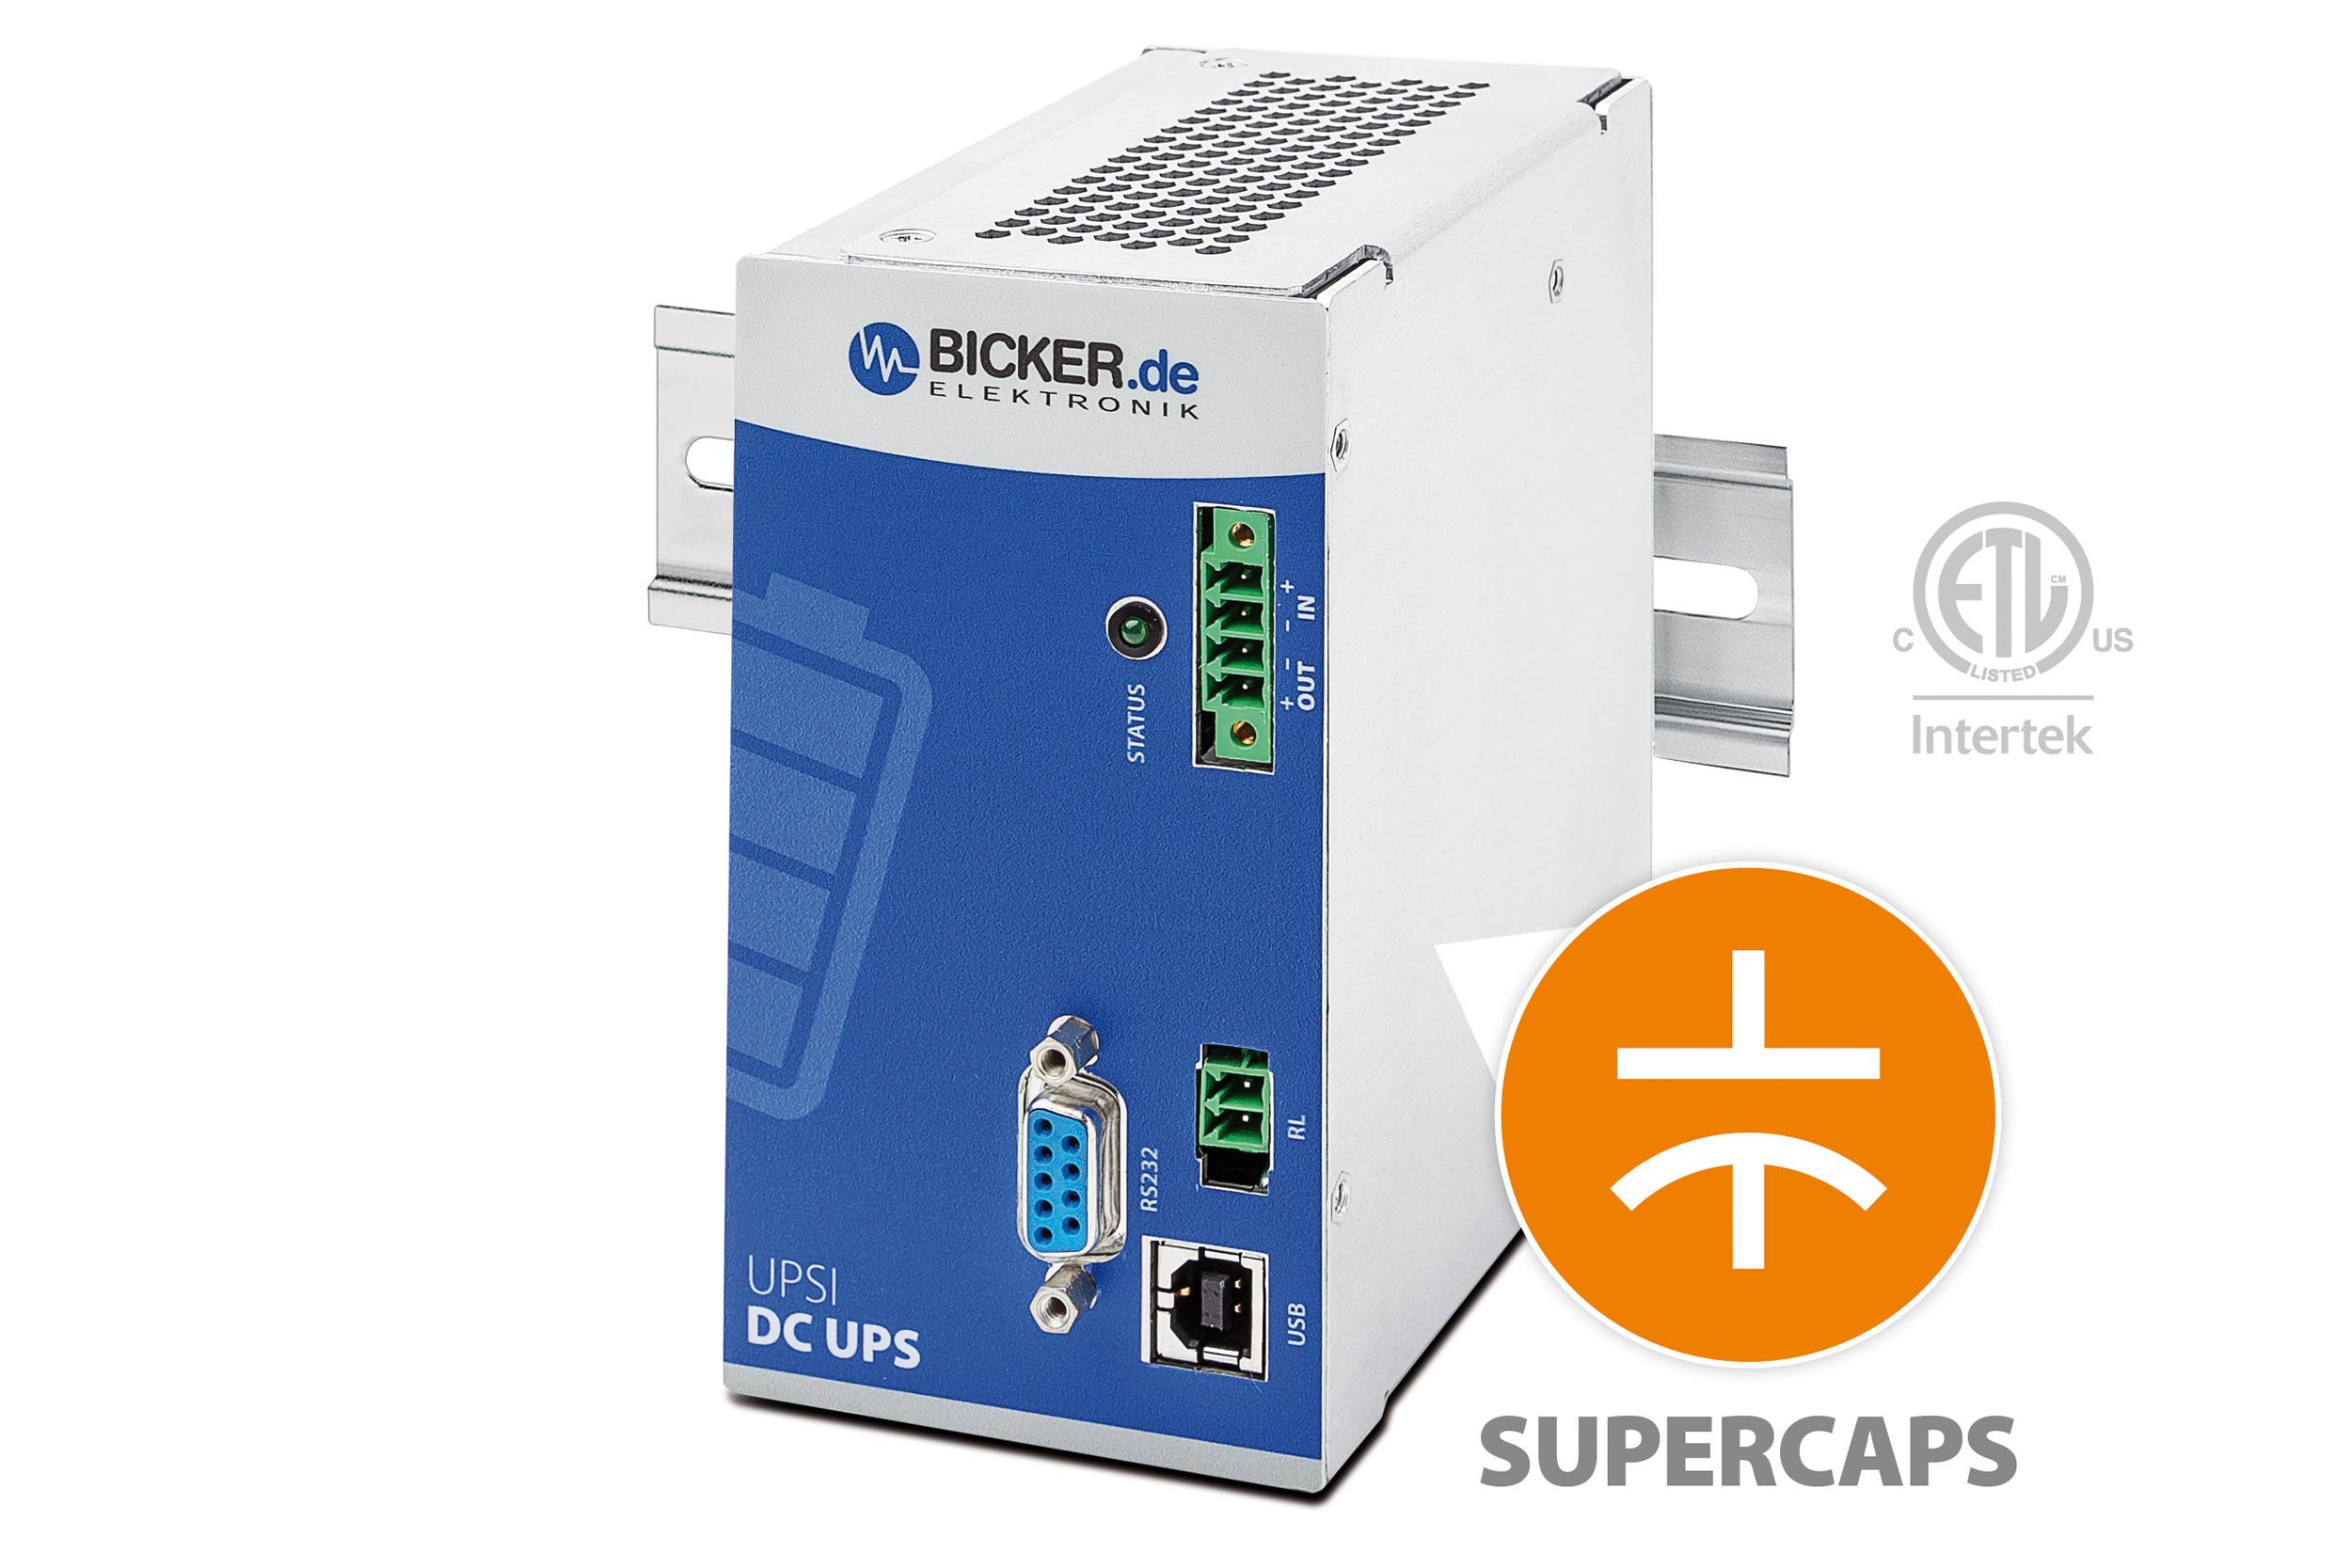 Wartungsfreie DC-USV mit Supercaps schützt vor Anlagenstillstand und Datenverlust